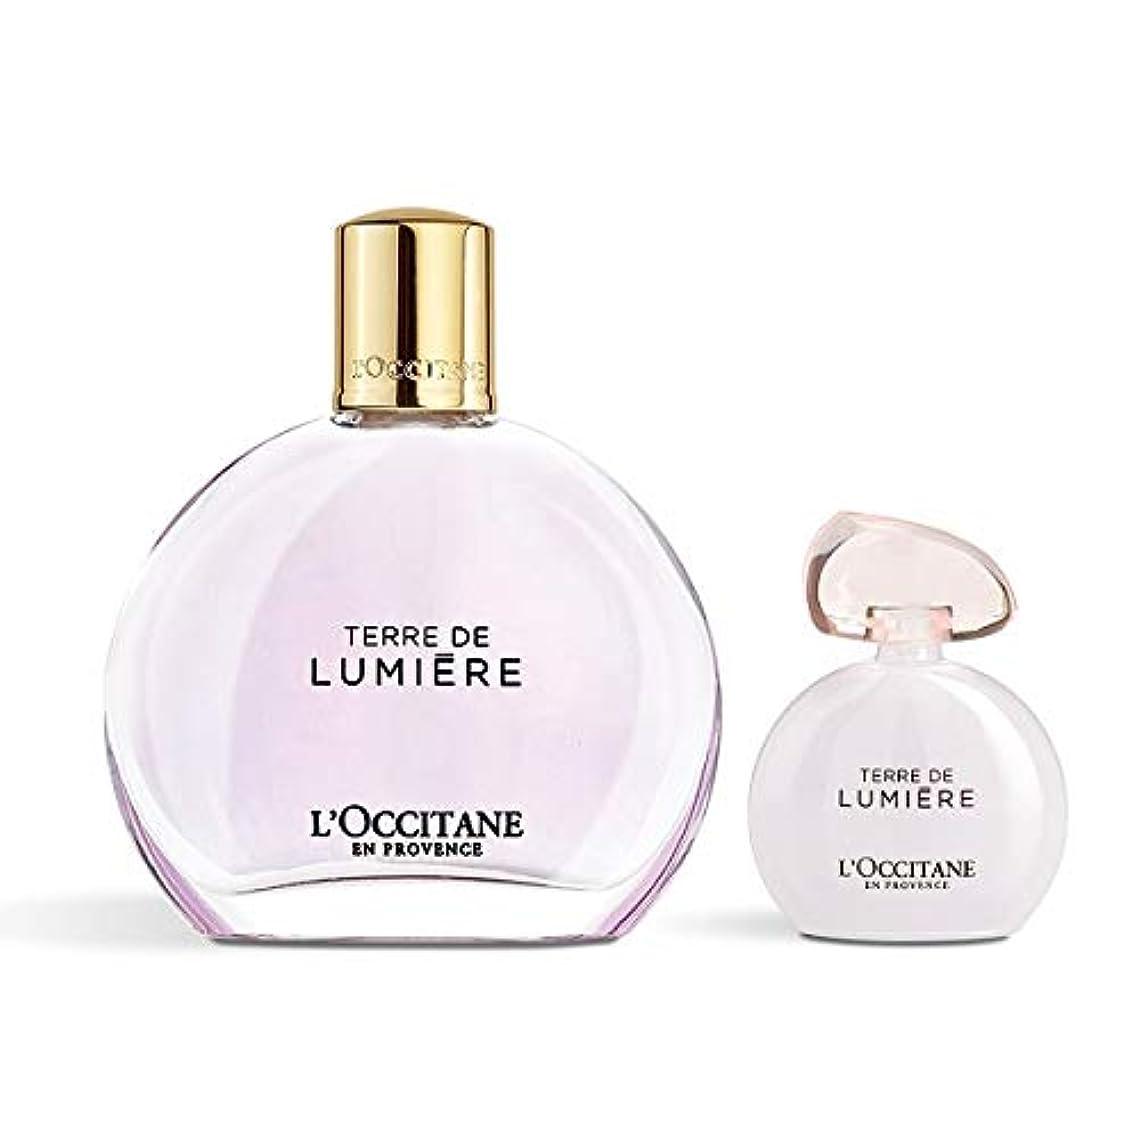 脅威くさび媒染剤ロクシタン(L'OCCITANE) テール ド ルミエール フレグランスヘアミストスペシャル